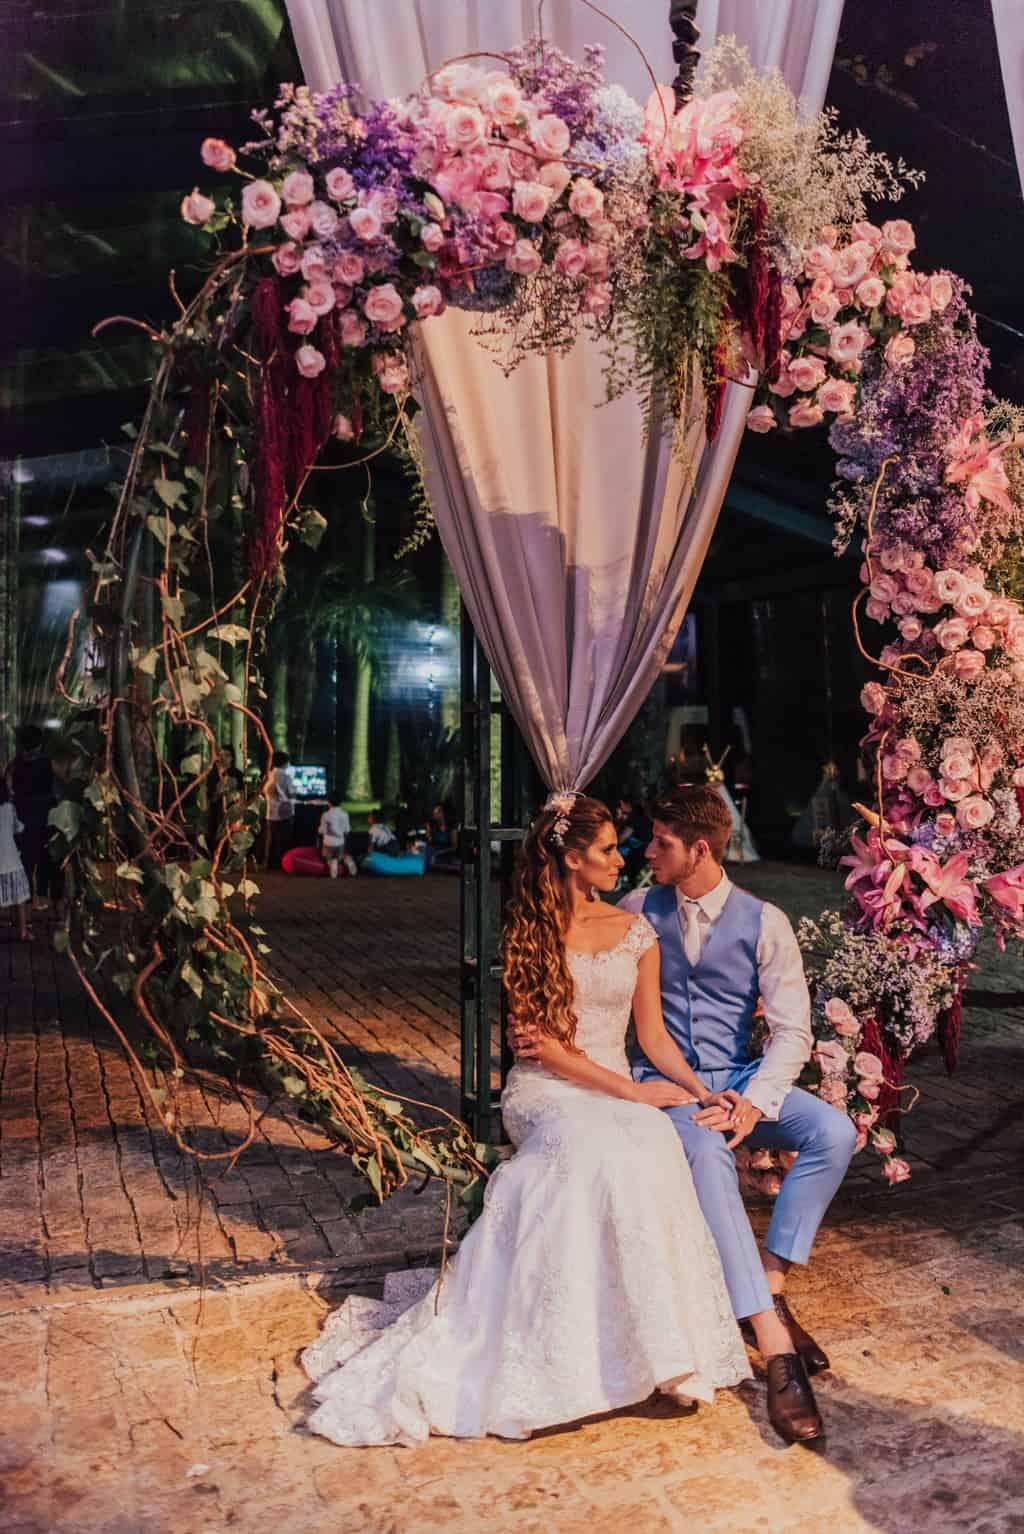 Boutique-de-Cena-casamento-Rebeca-e-Eldrey-Fazenda-Vila-Rica-Fotografia-Mana-Gollo-Toda-de-Branco85